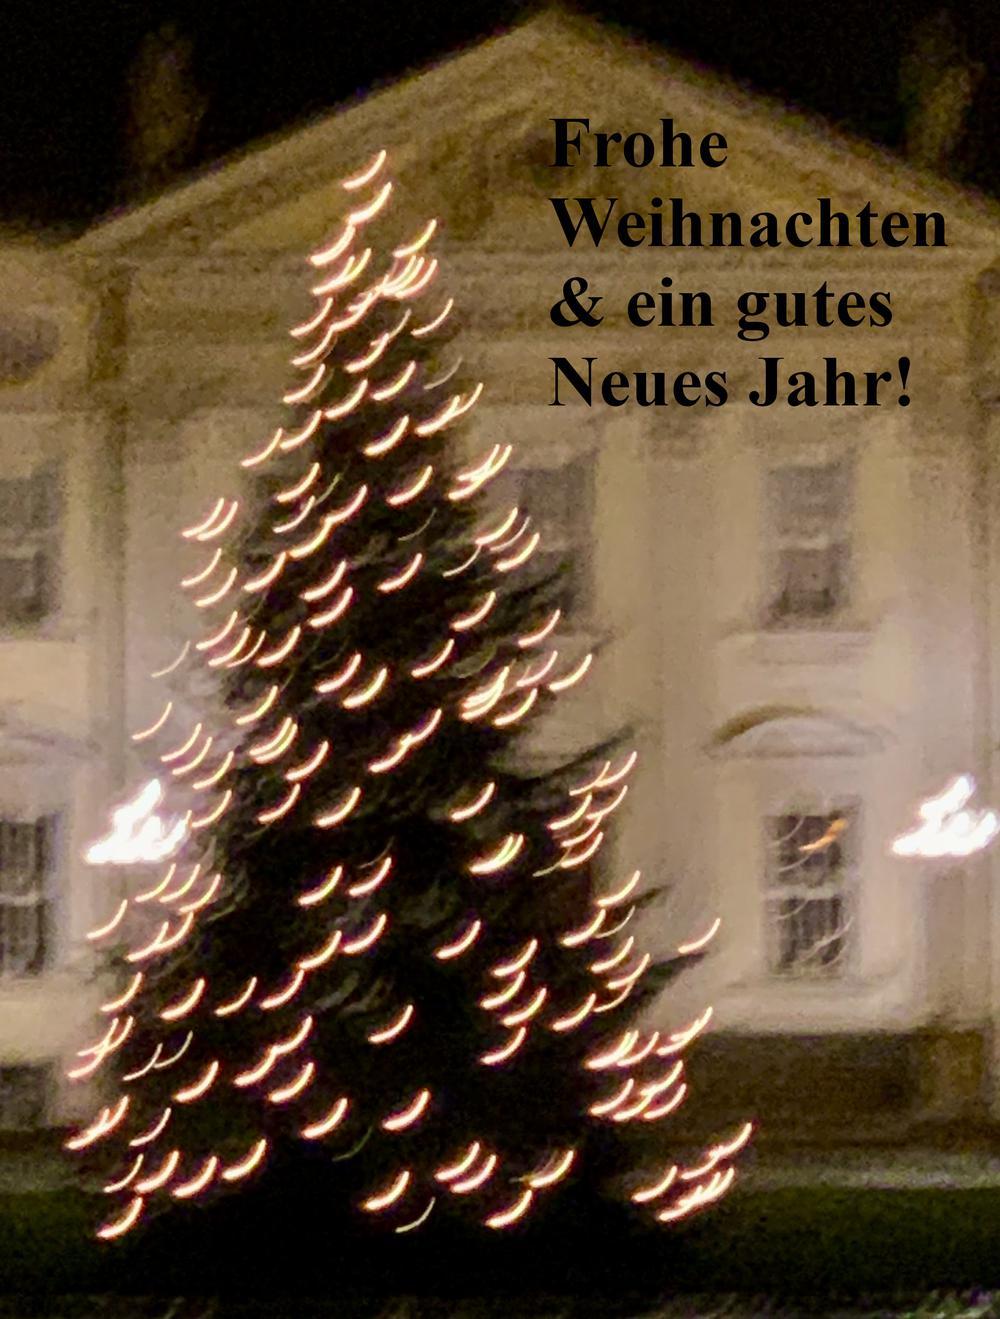 Ein Weihnachtsbaum etwas unscharf vor einem schloßartigen Gebäude.